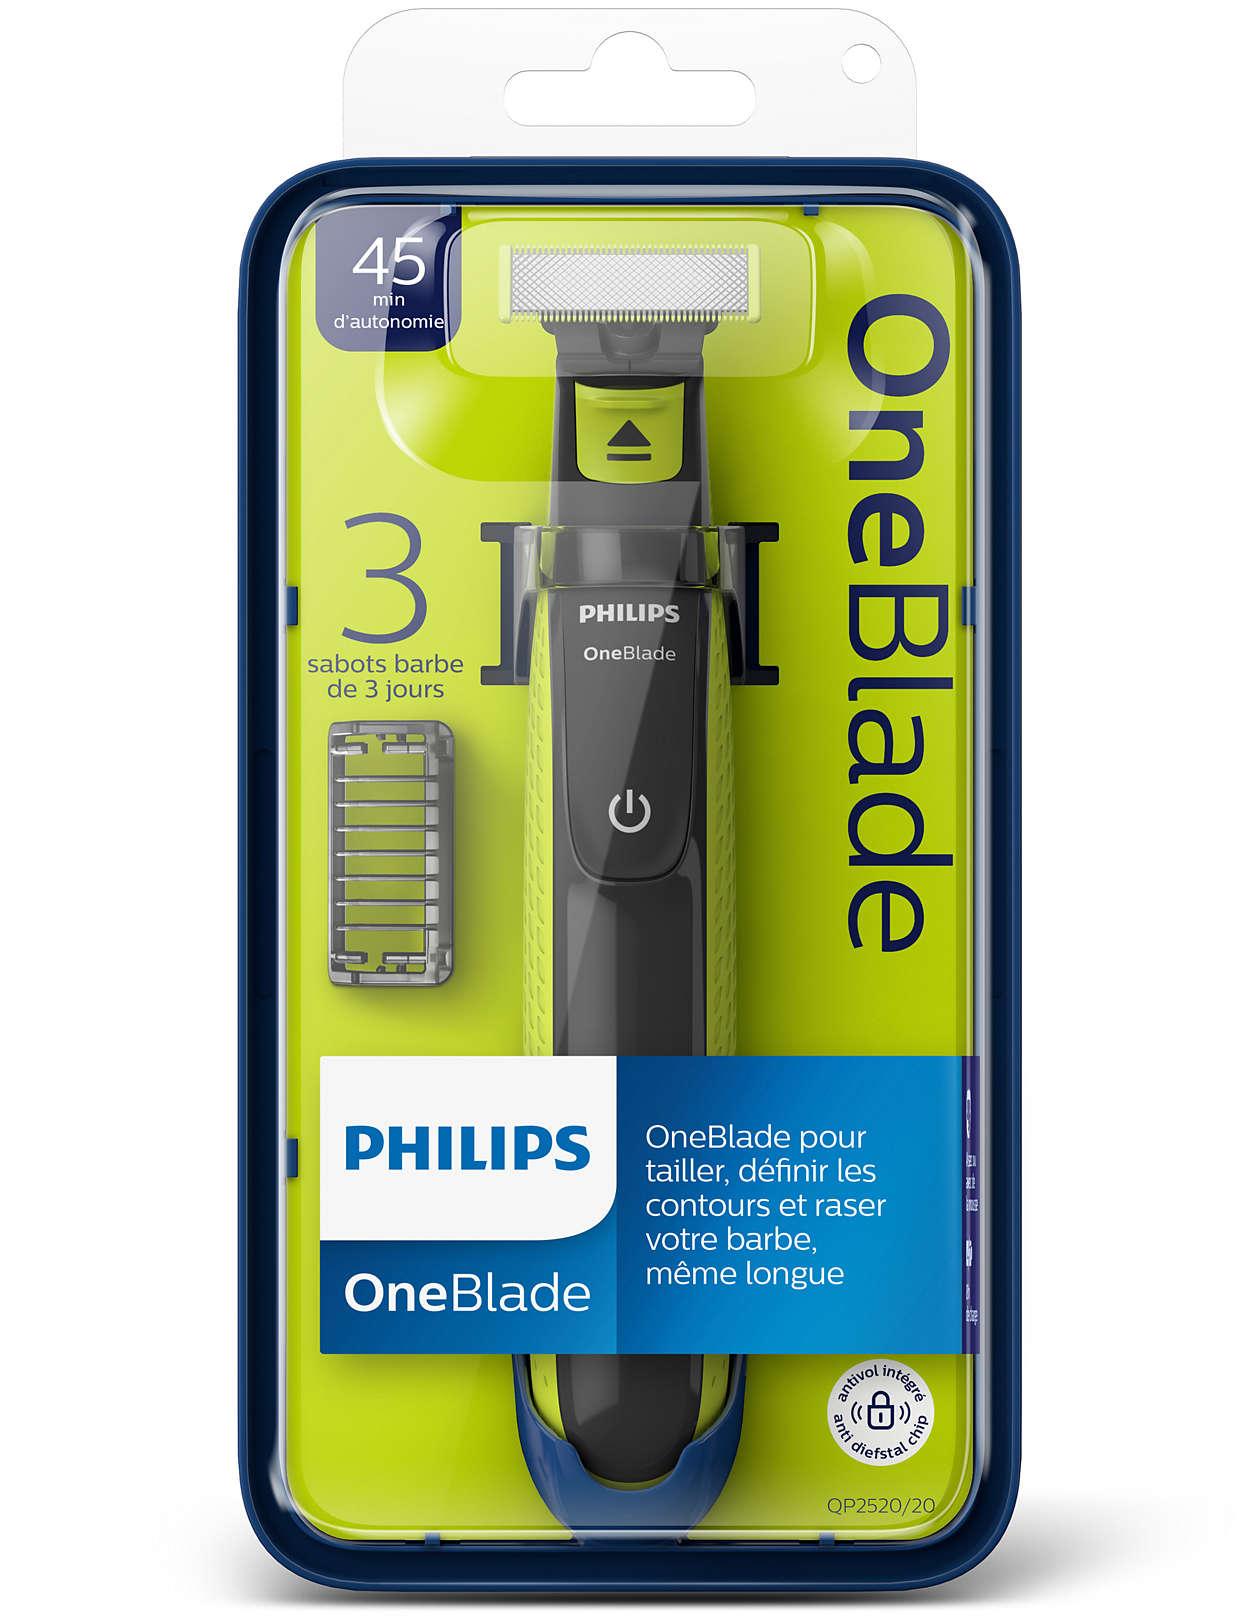 Rasoir électrique Philips OneBlade - avec 3 sabots barbe de 3 jours